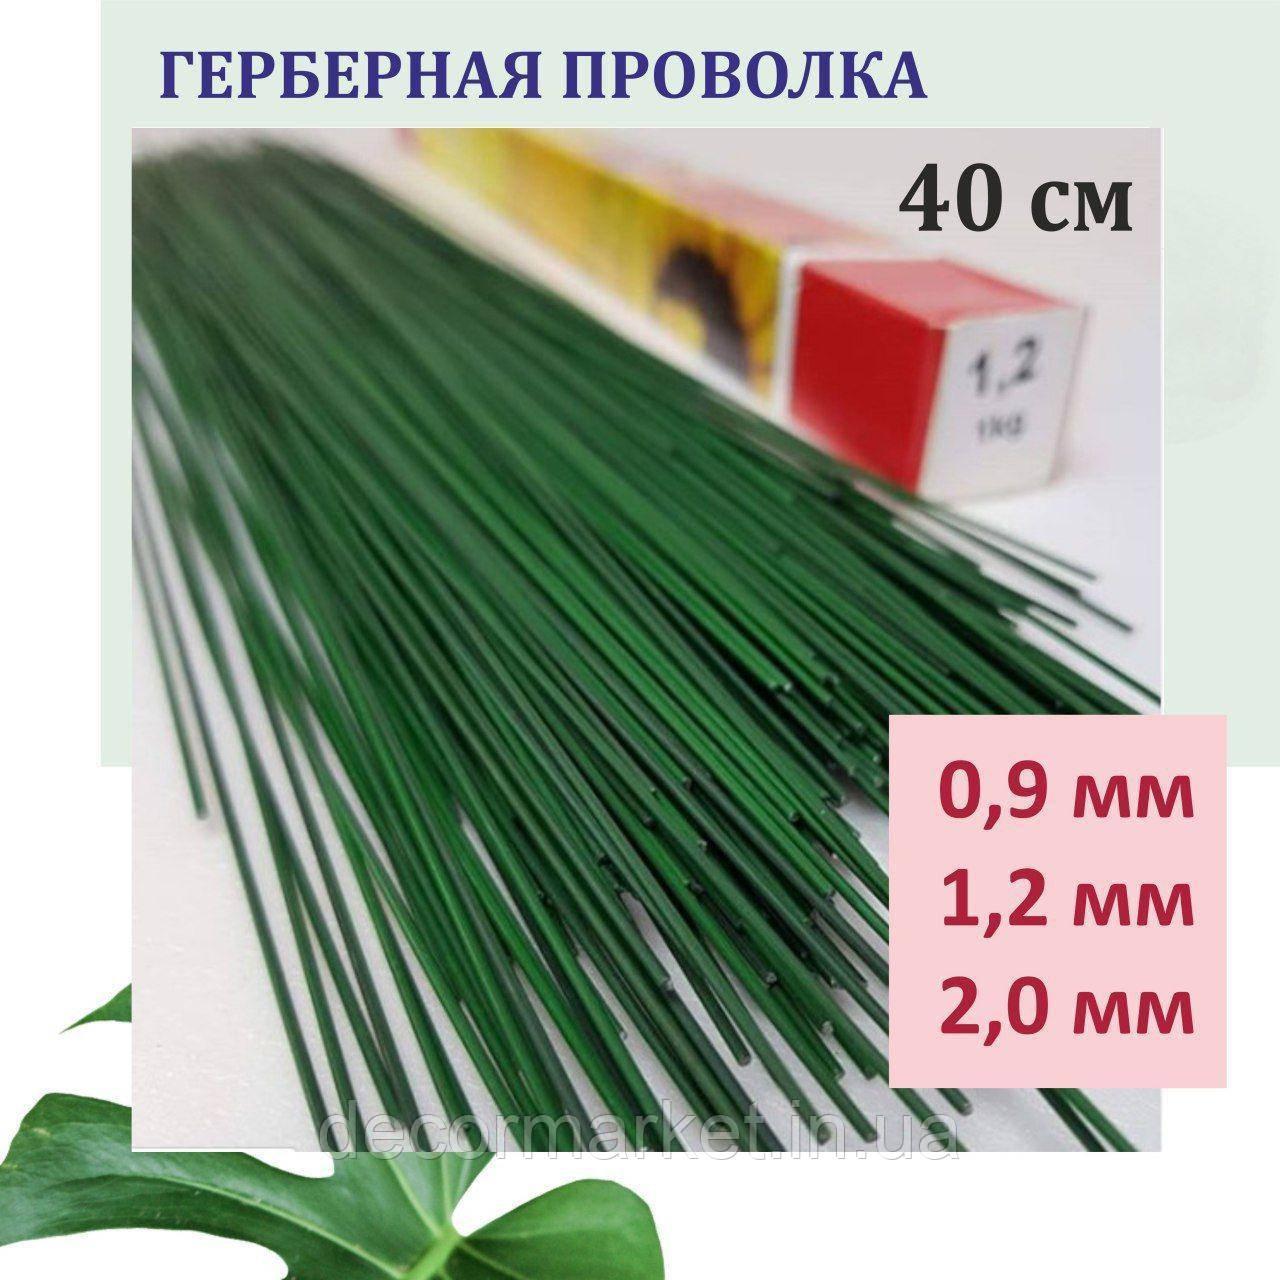 Проволка 0.9мм зеленая герберная флористическая